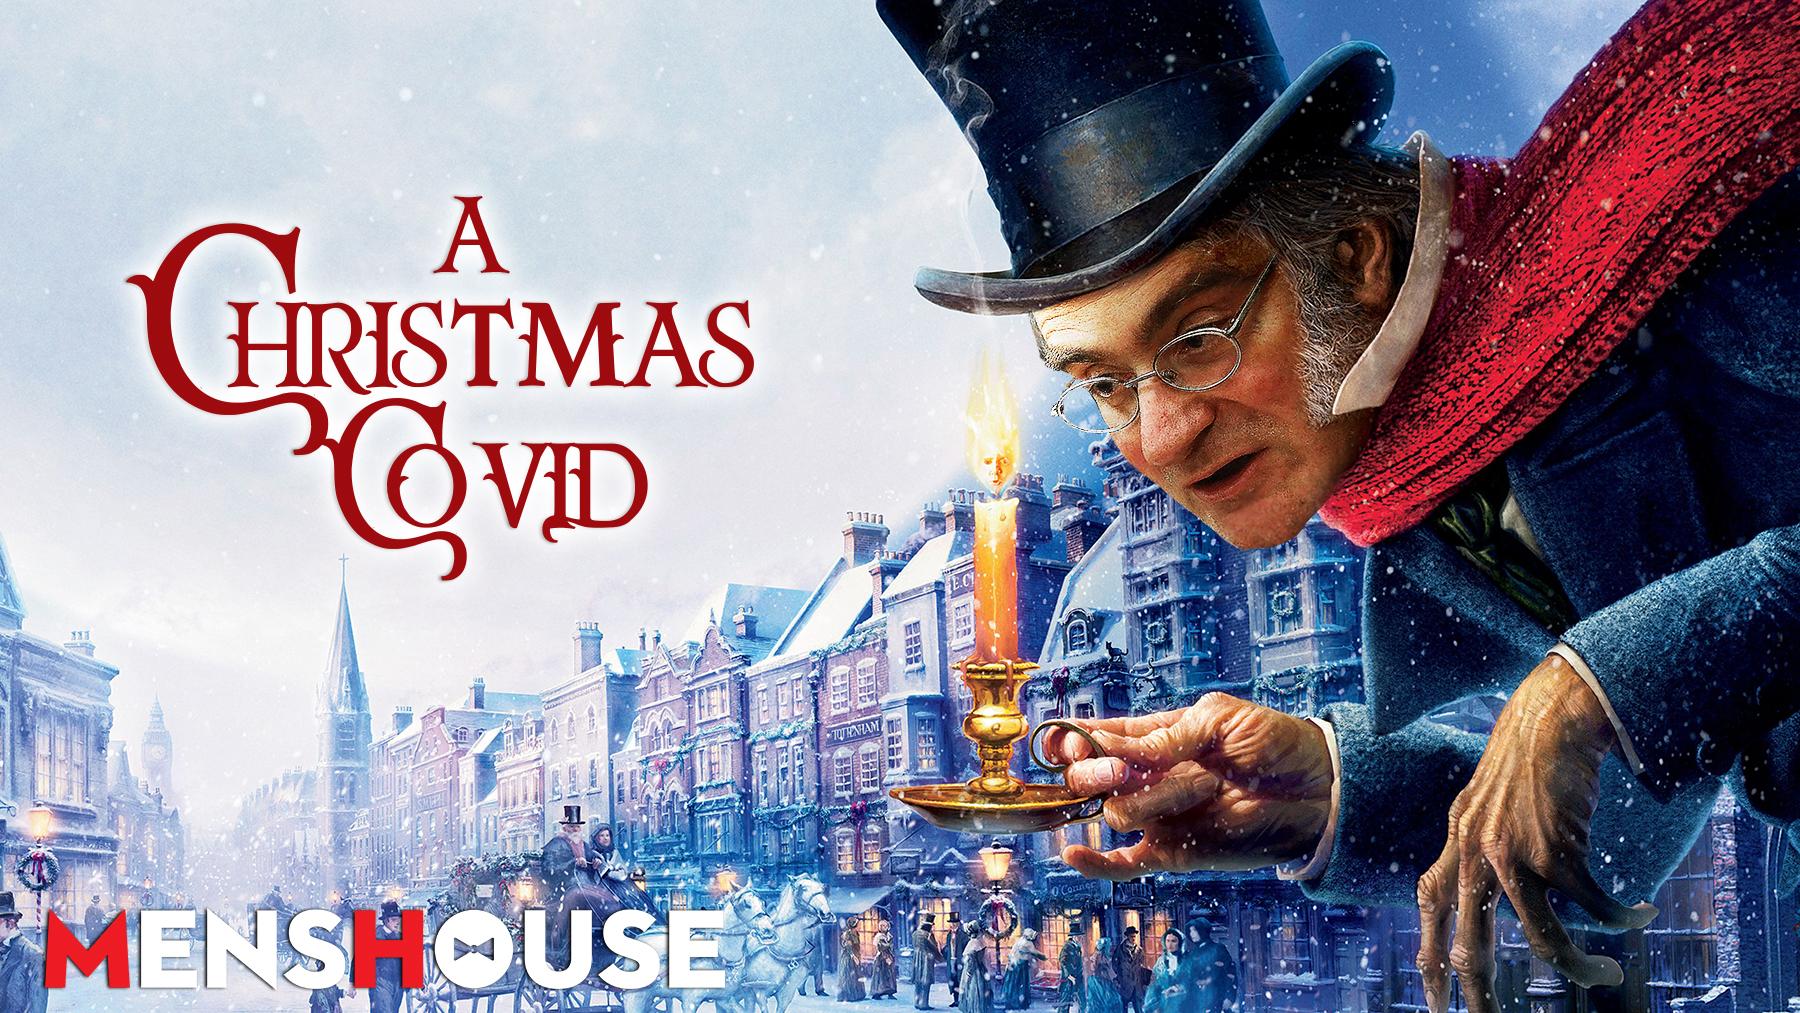 Άλλαξαν και αυτές: Έτσι θα είναι οι χριστουγεννιάτικες ταινίες φέτος (Pics)